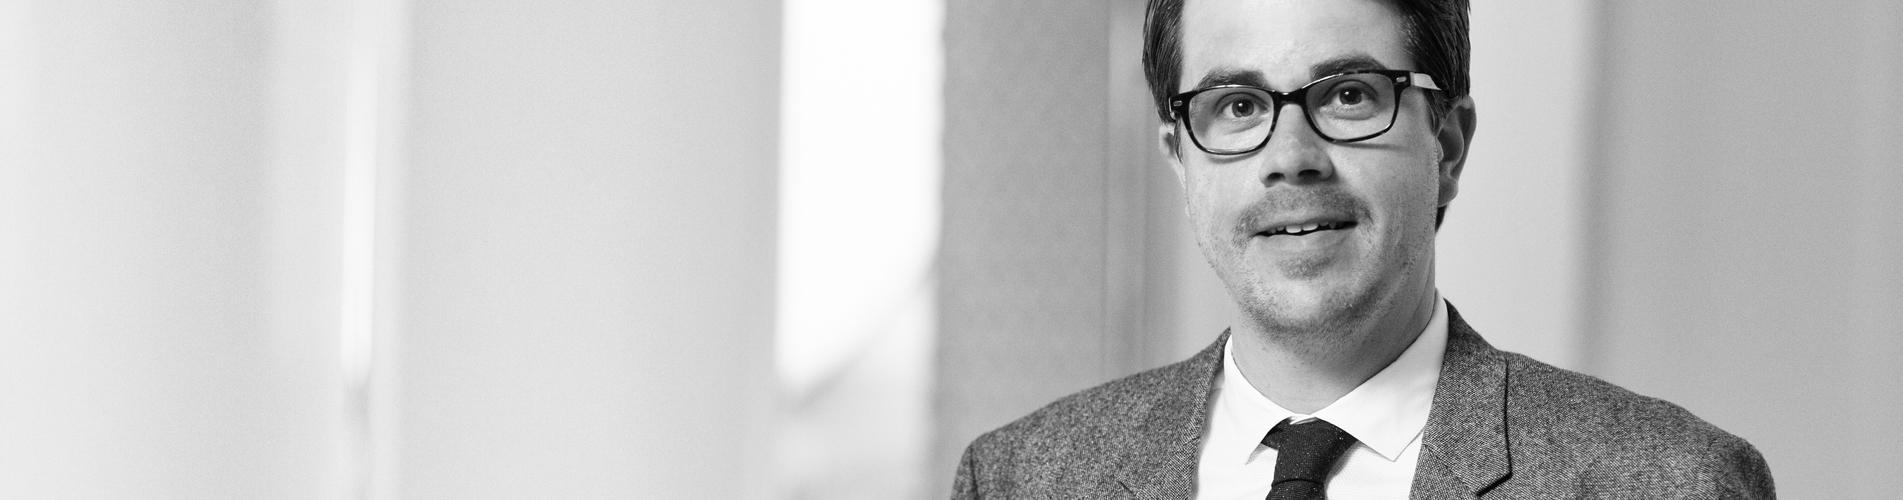 Mathias Klümper, Ph.D.